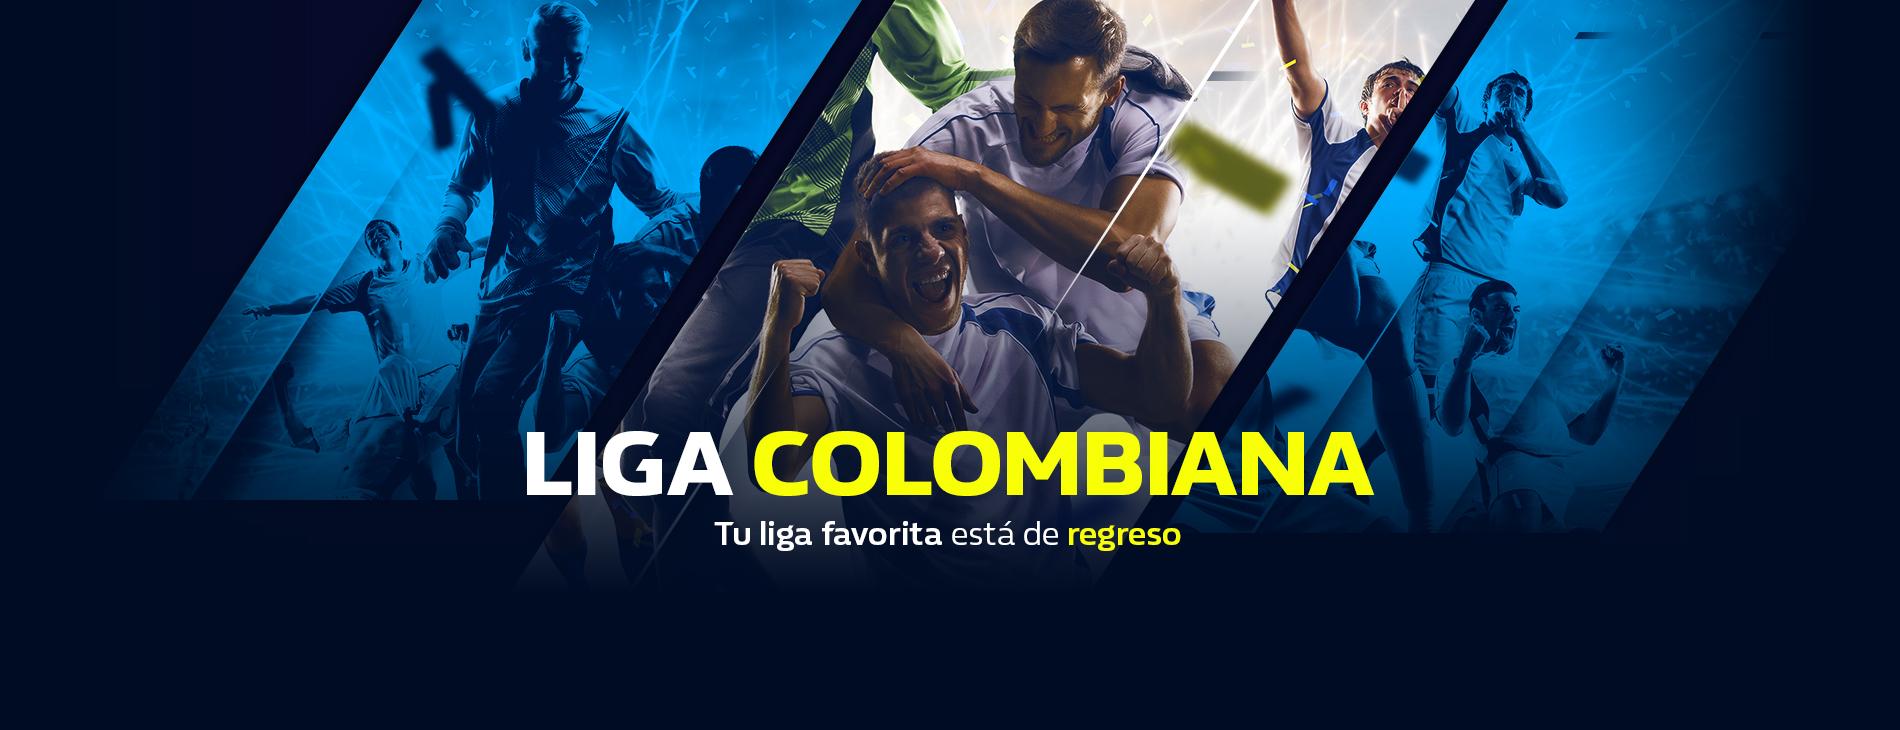 home_Liga_Colombiana_full